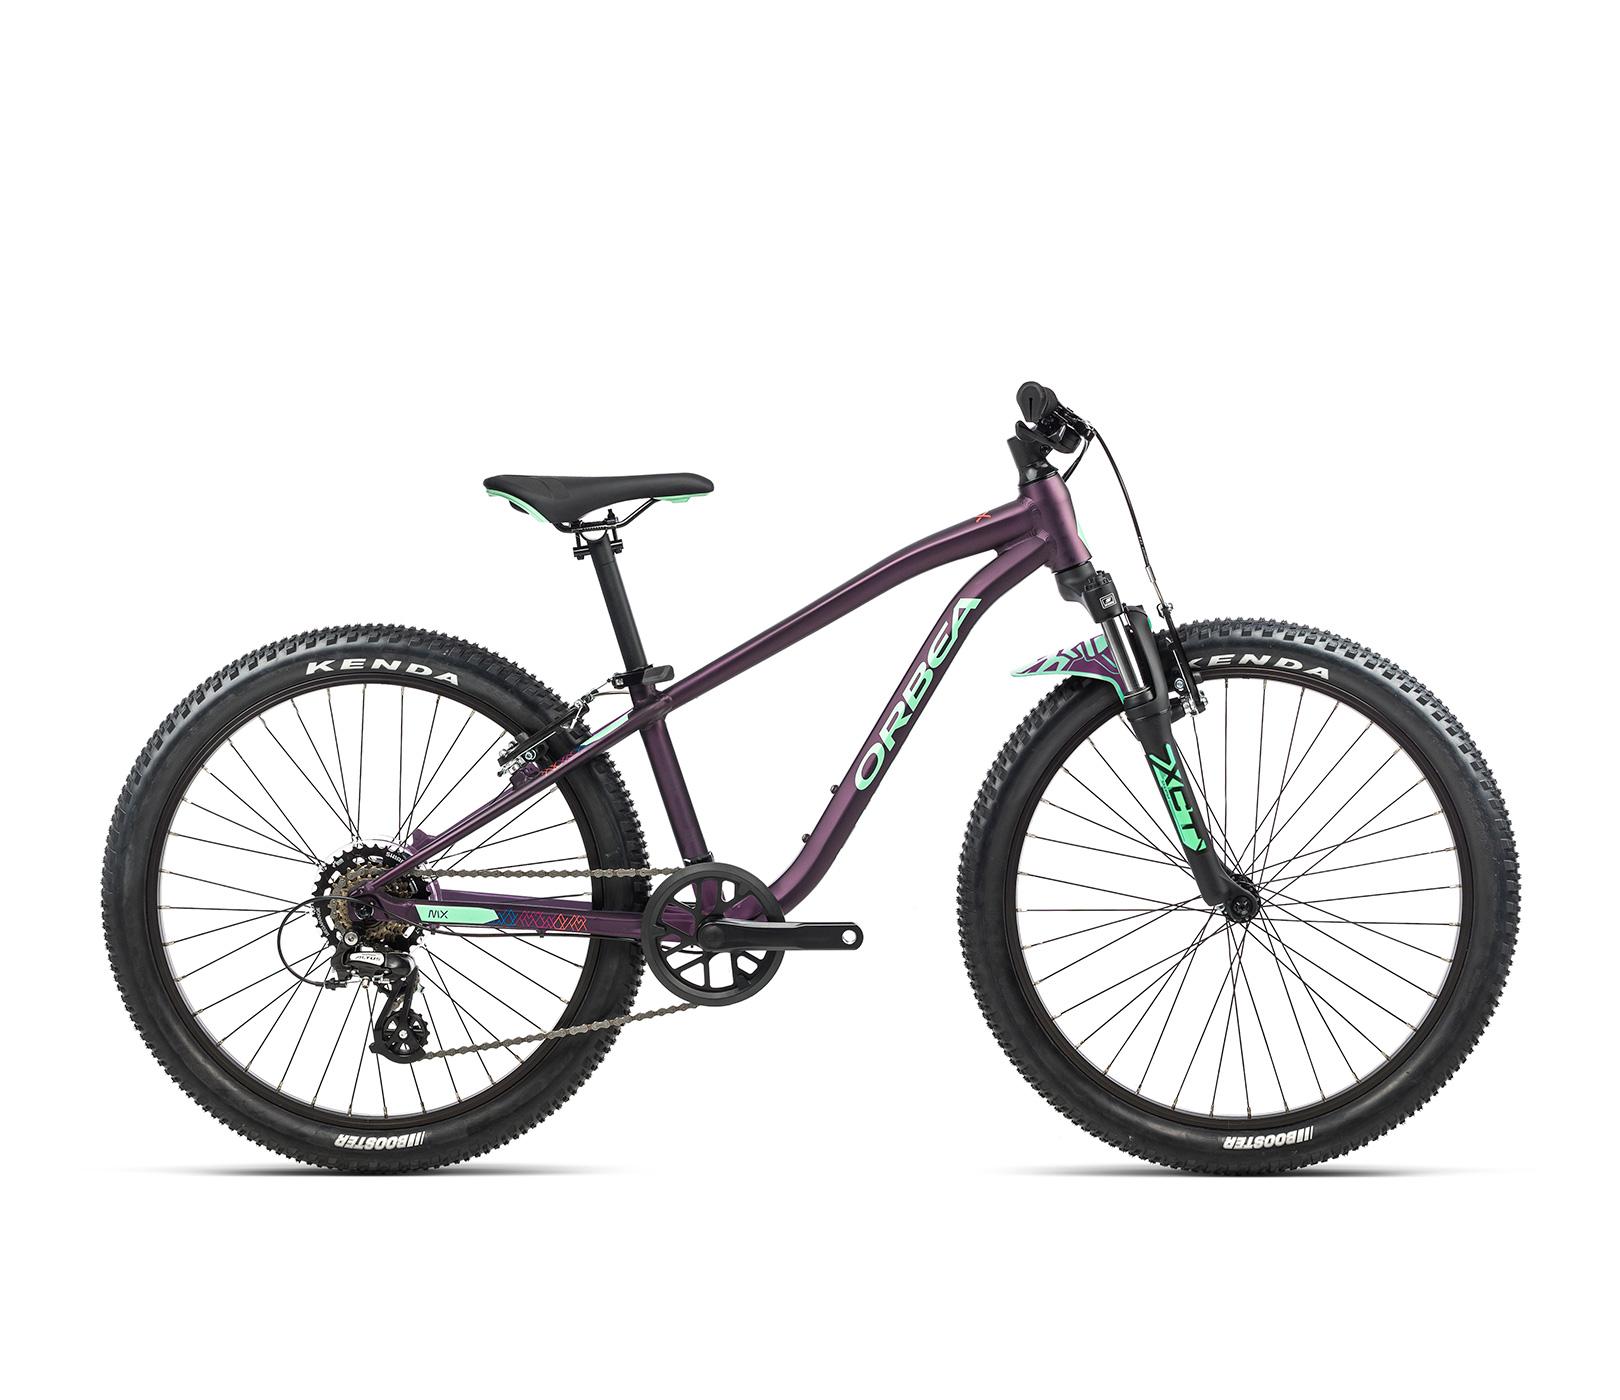 Orbea MX24 XC 24Inch Wheel Kids Mountain Bike 2021 Matte Purple/Mint